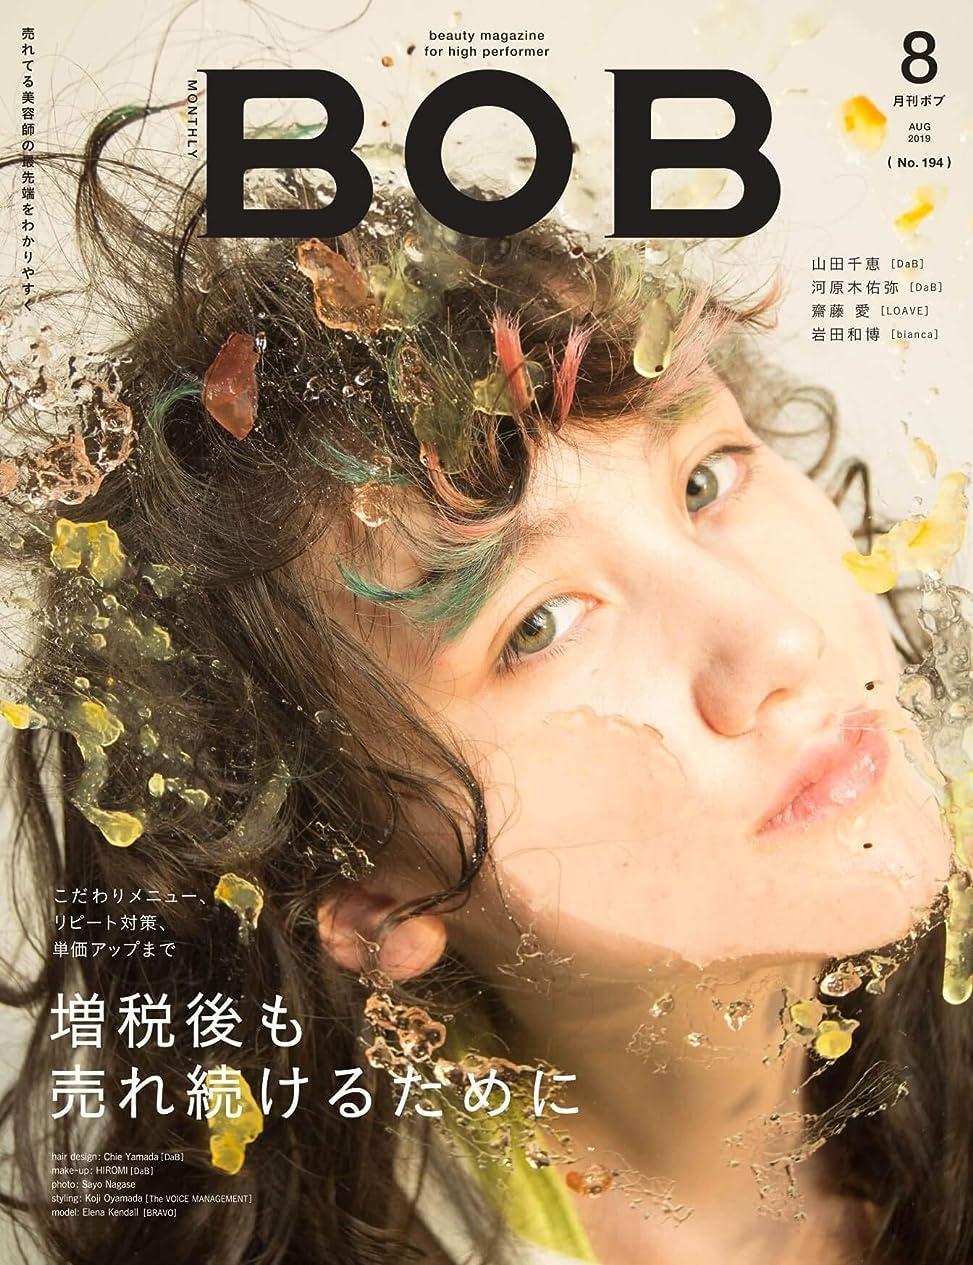 合図コンパスインカ帝国月刊BOB 2019年8月号: 増税後も売れ続けるために